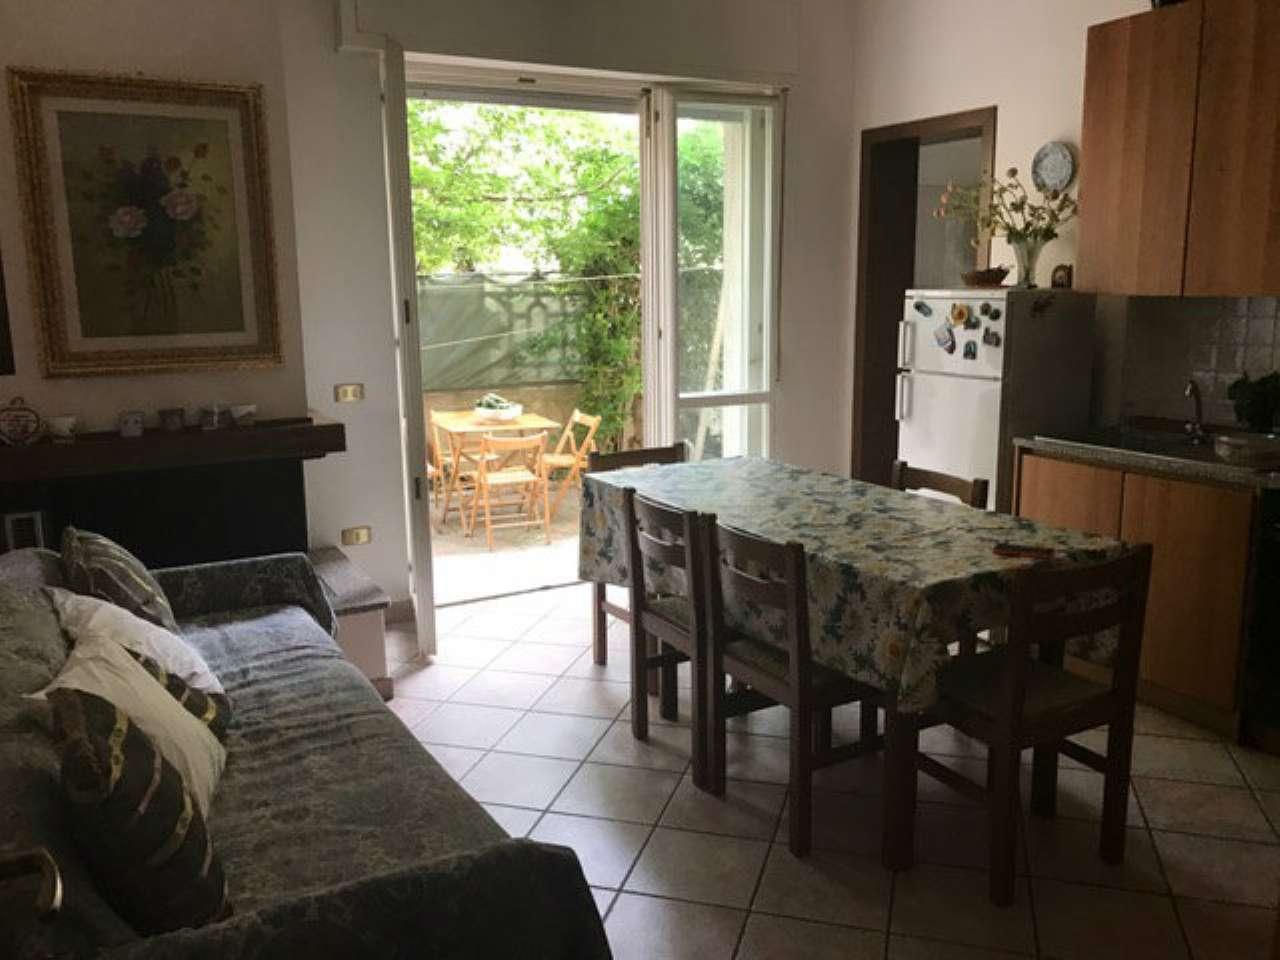 Appartamento in vendita a Alba Adriatica, 5 locali, prezzo € 169.000 | CambioCasa.it